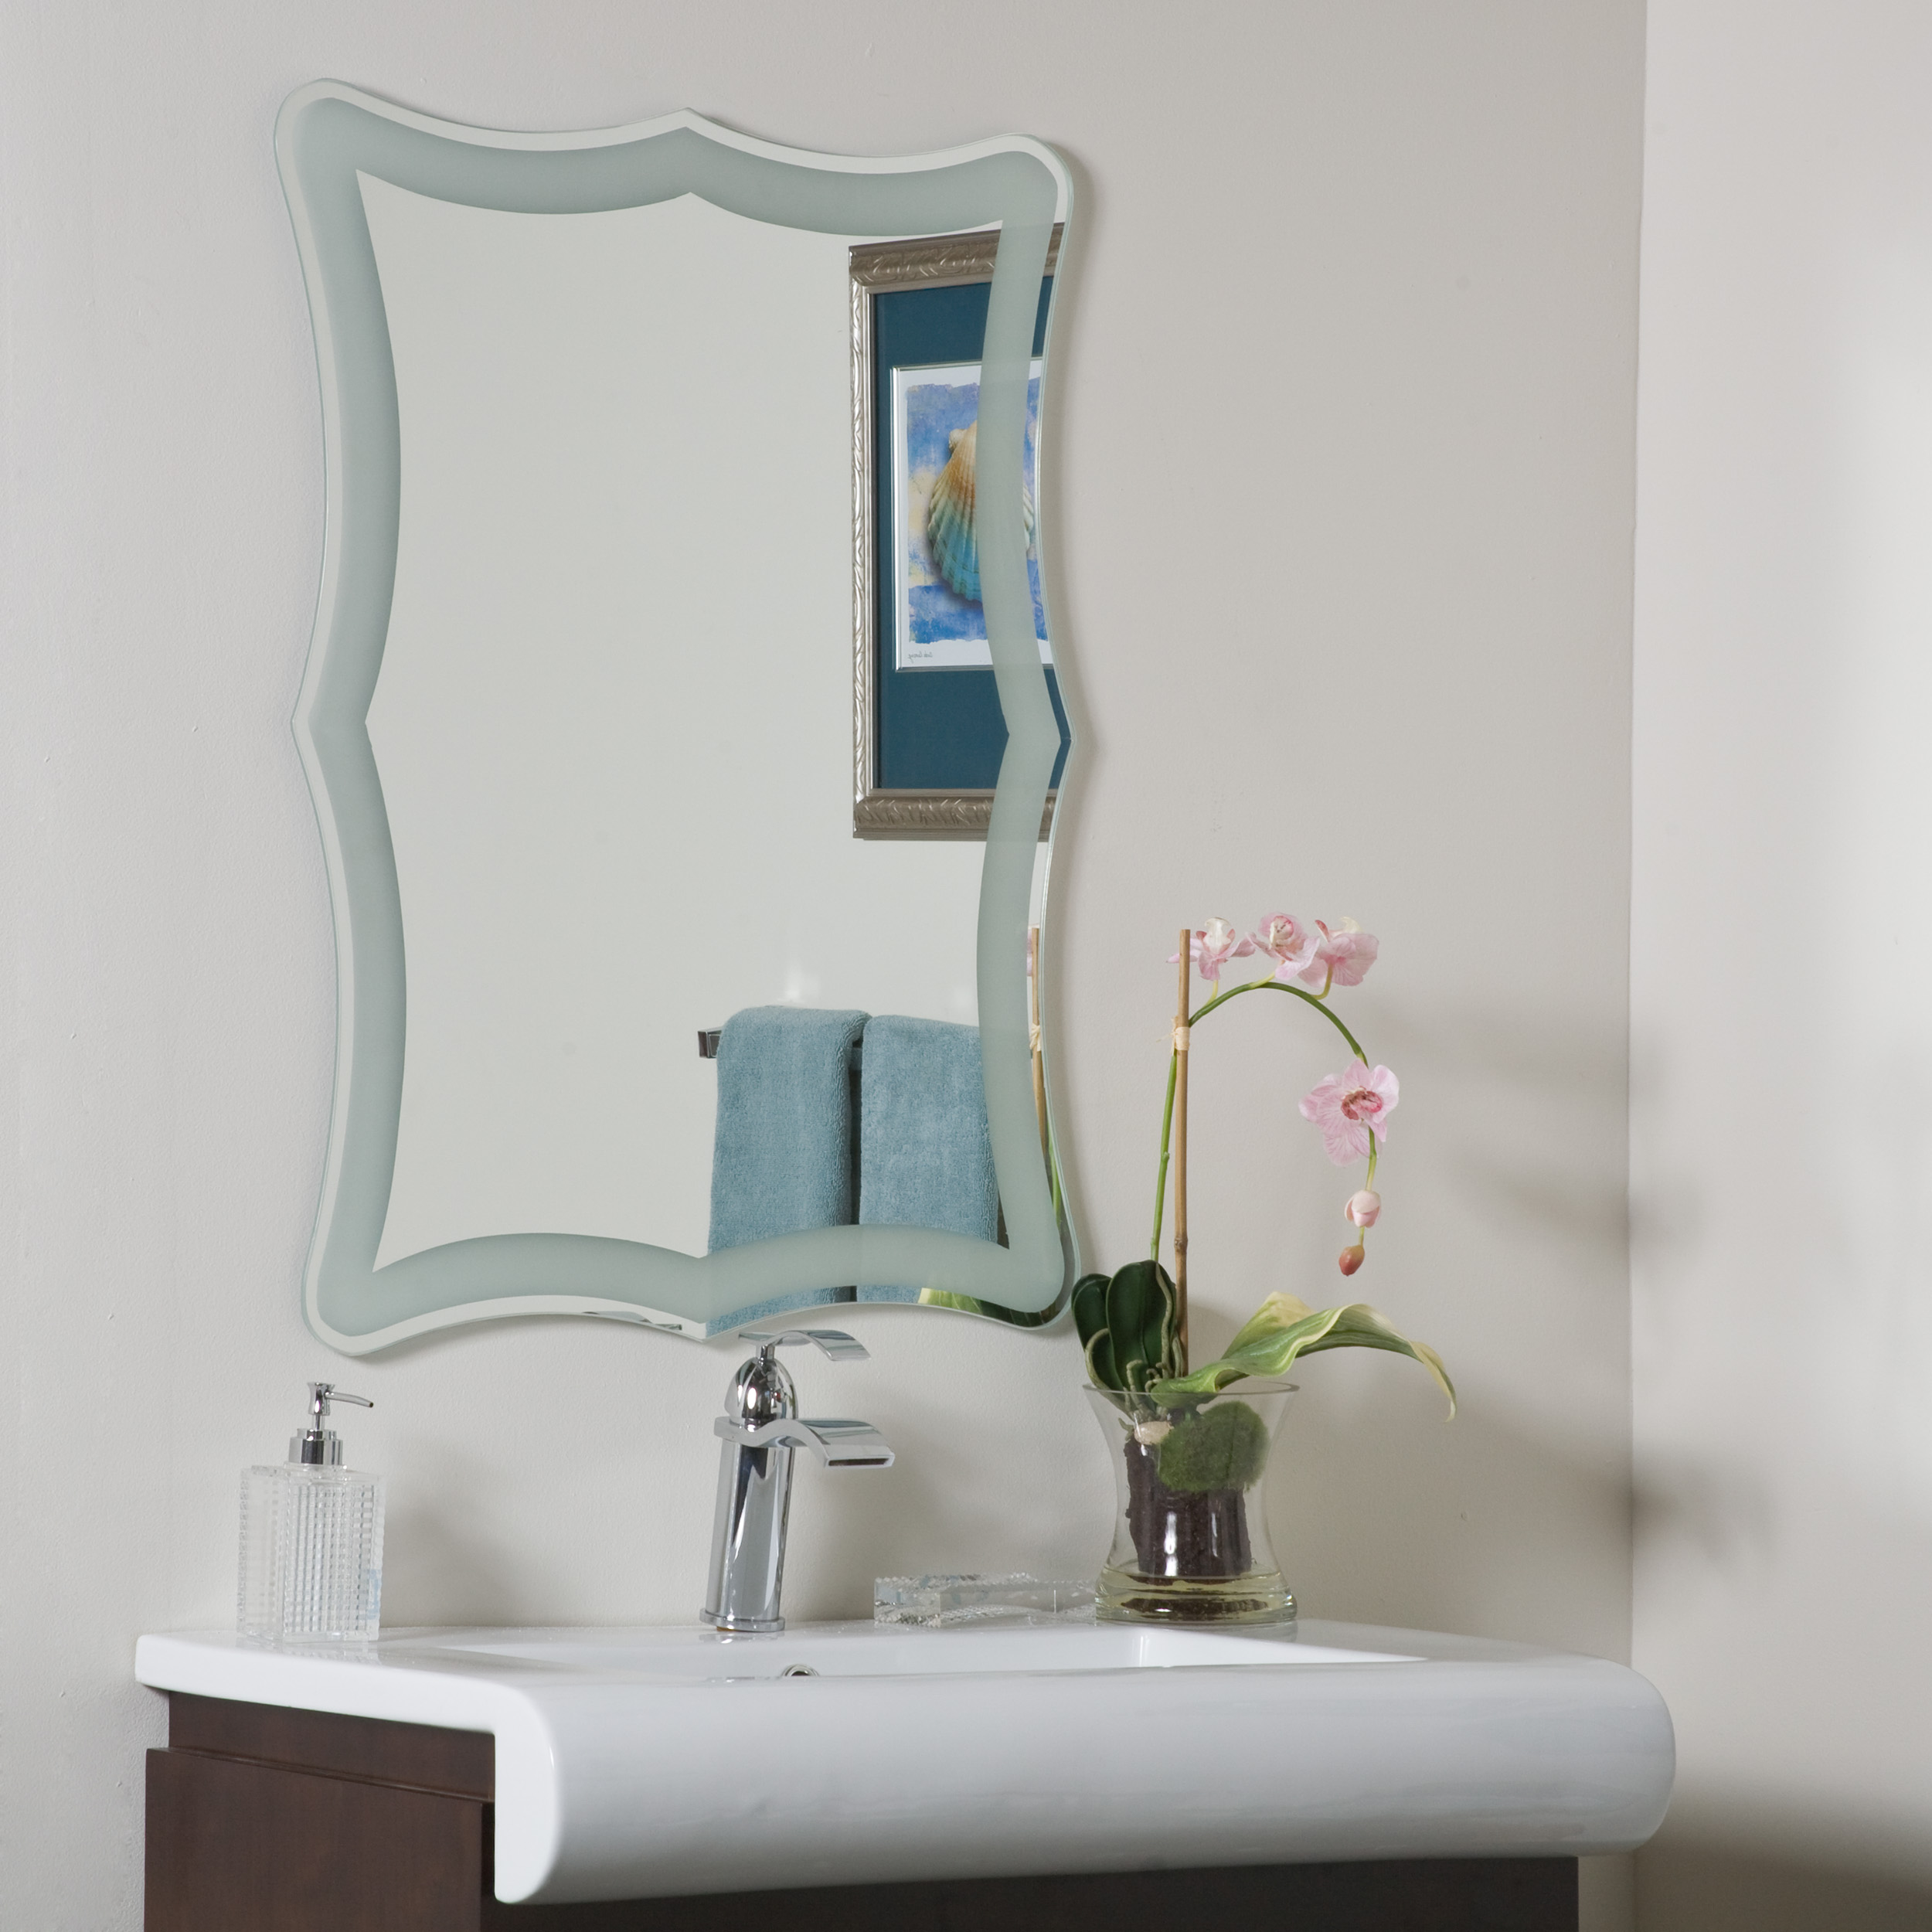 Décor Wonderland Coquette Frameless Bathroom Mirror 23.6 inx31.5 in